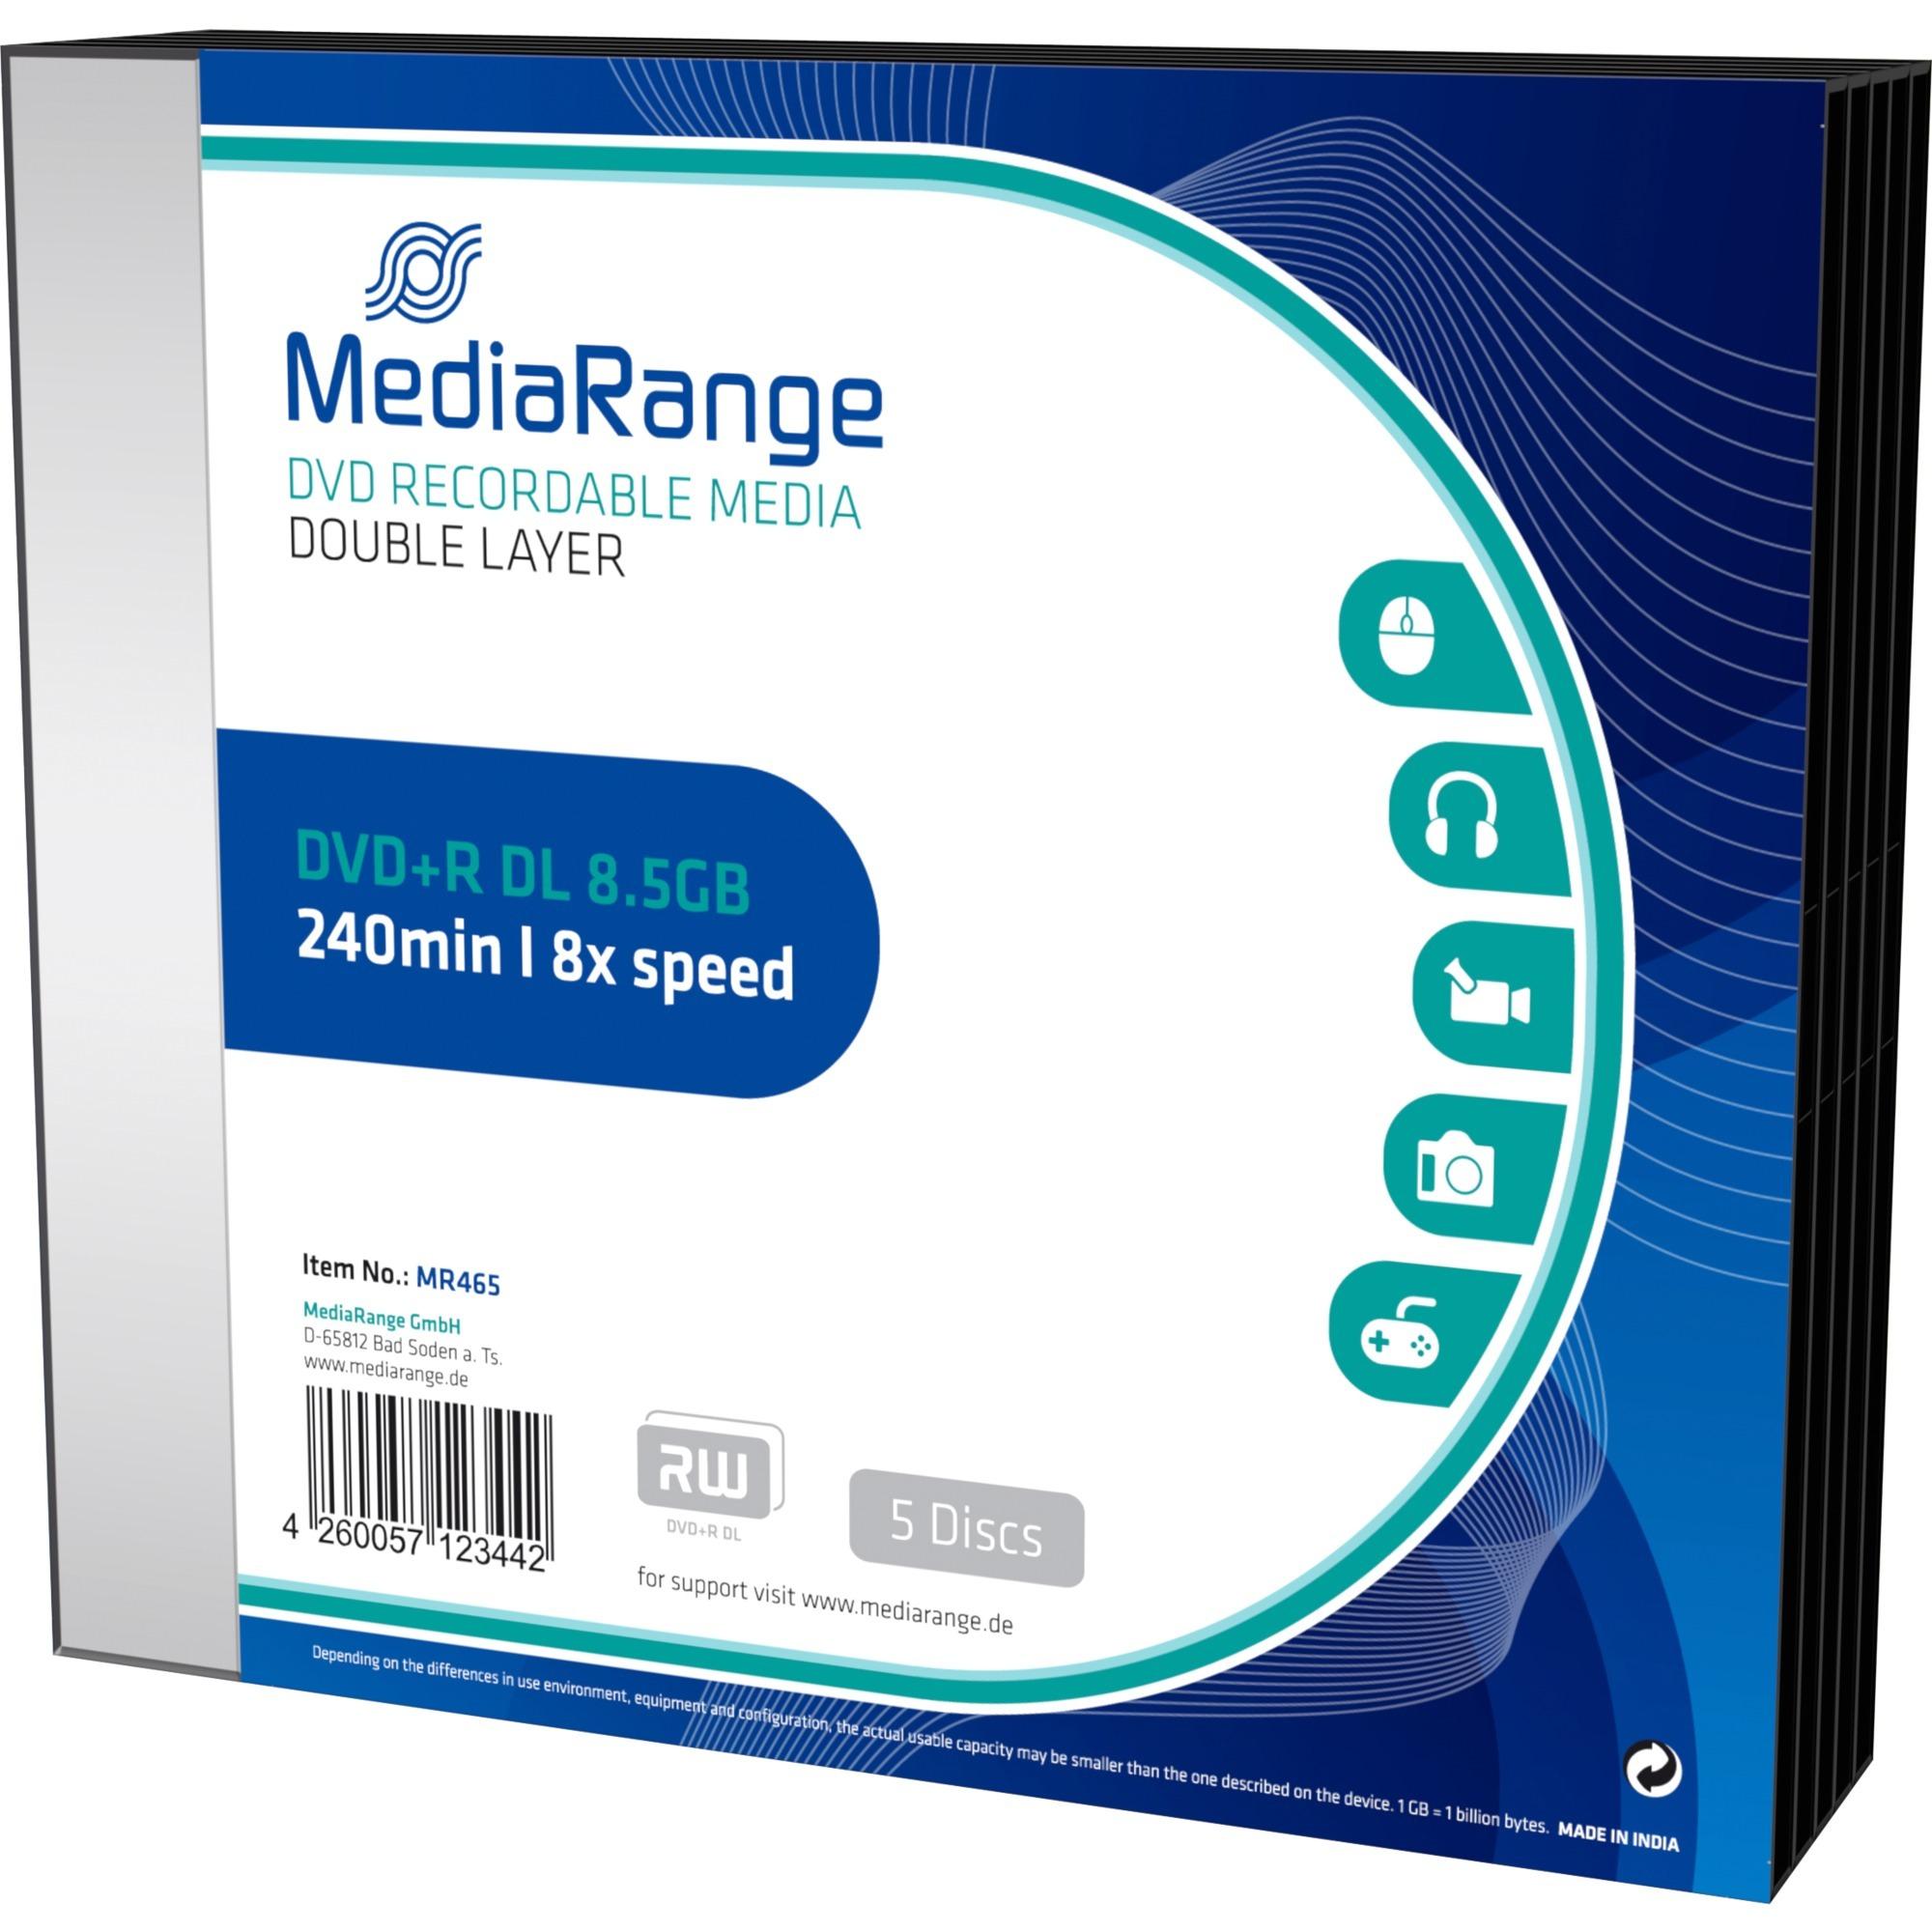 MR465 8.5Go DVD+R DL 5pièce(s) DVD vierge, Support vierge DVD